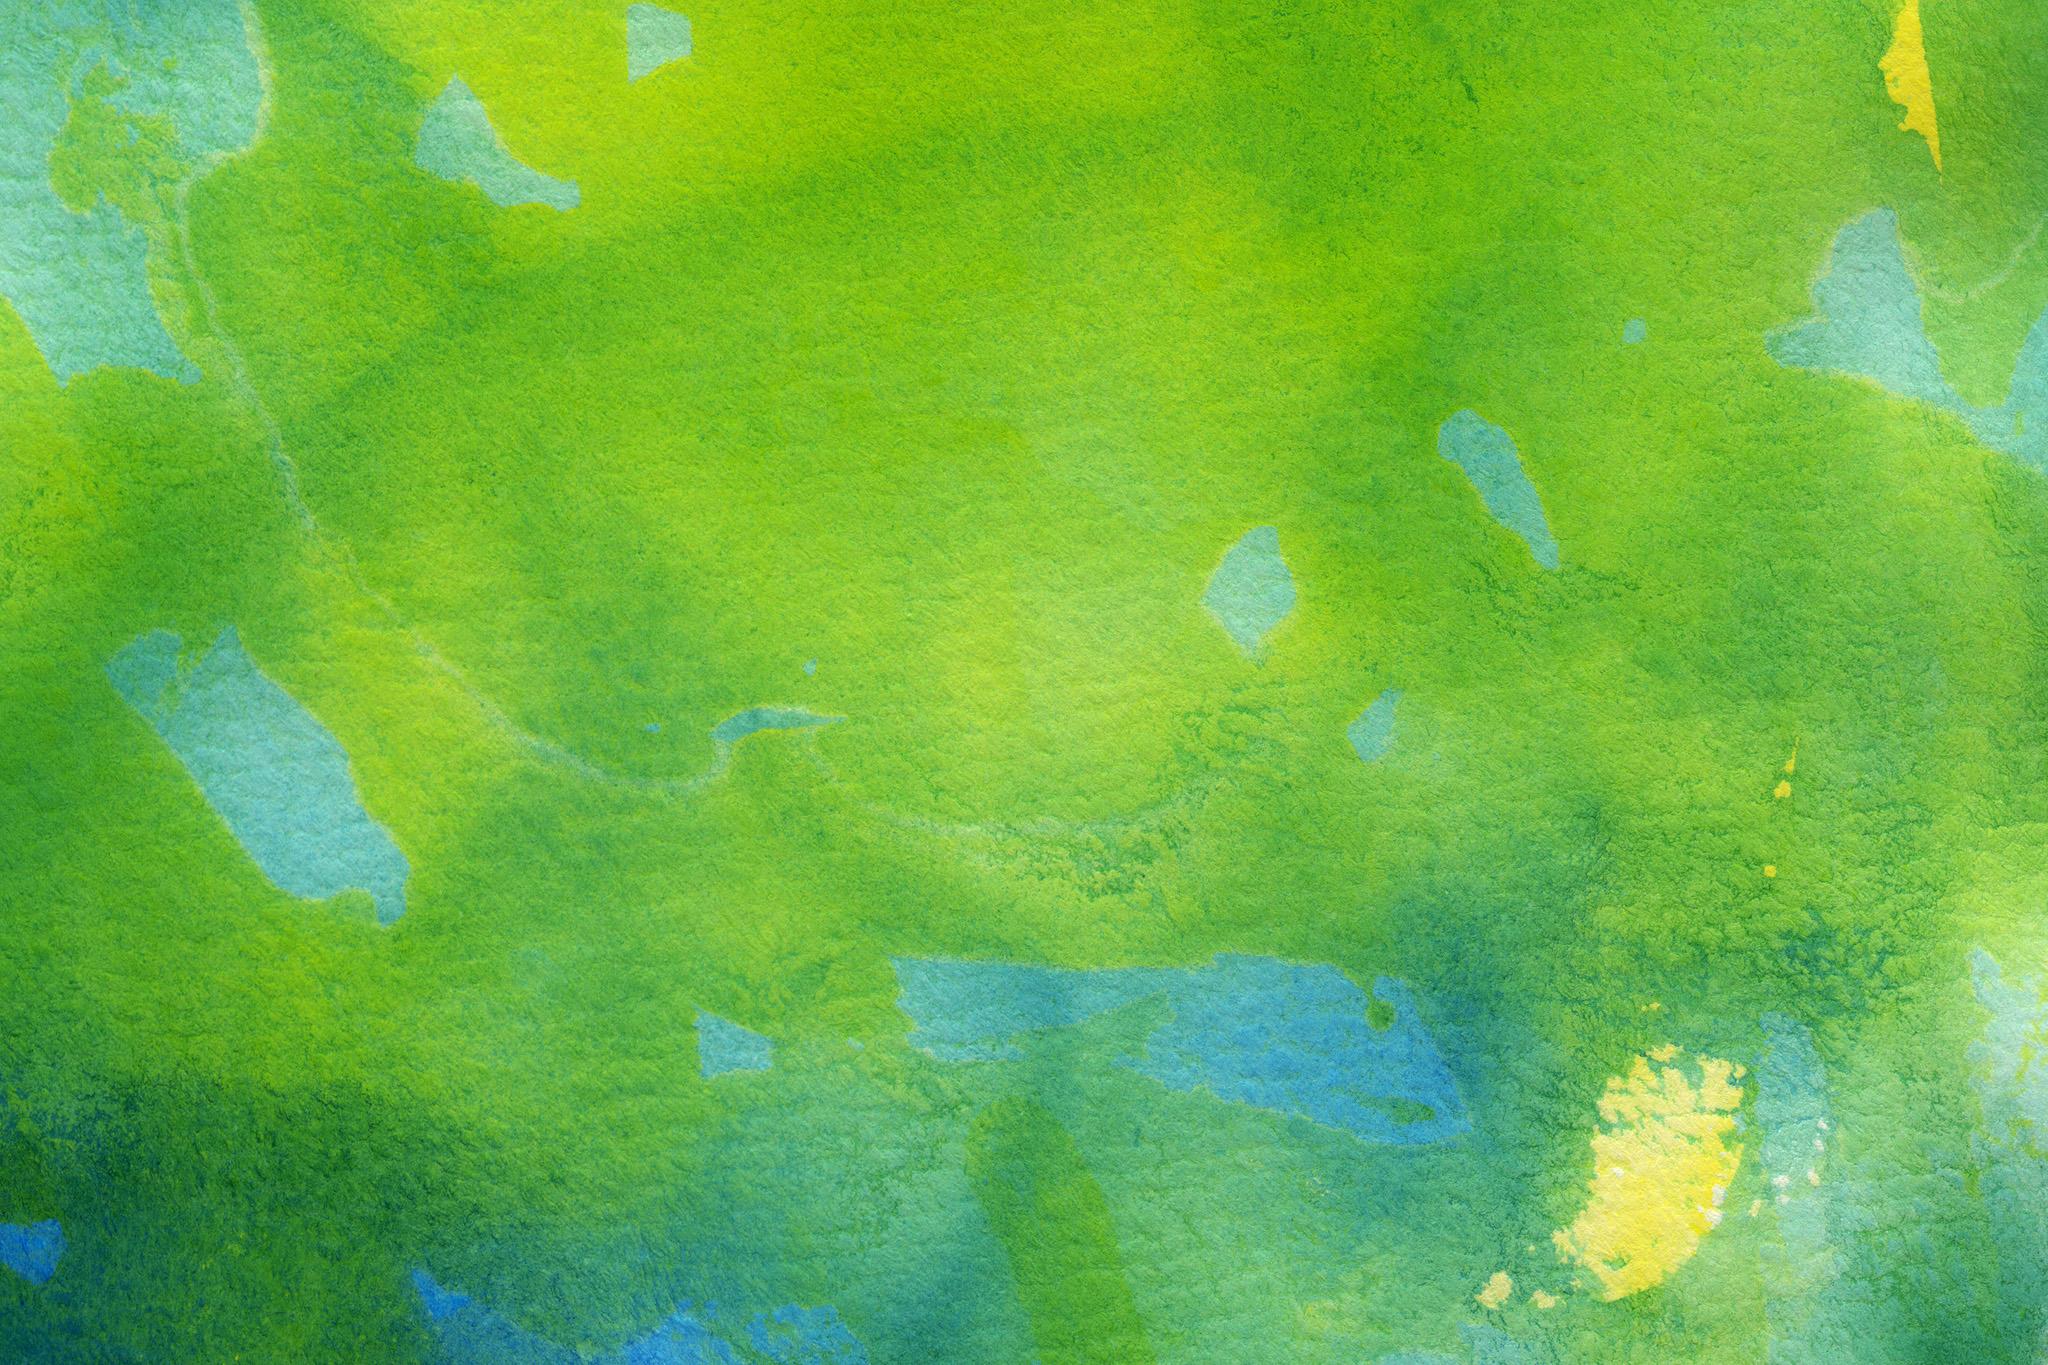 「グリーンとブルーの薄い水彩塗り」